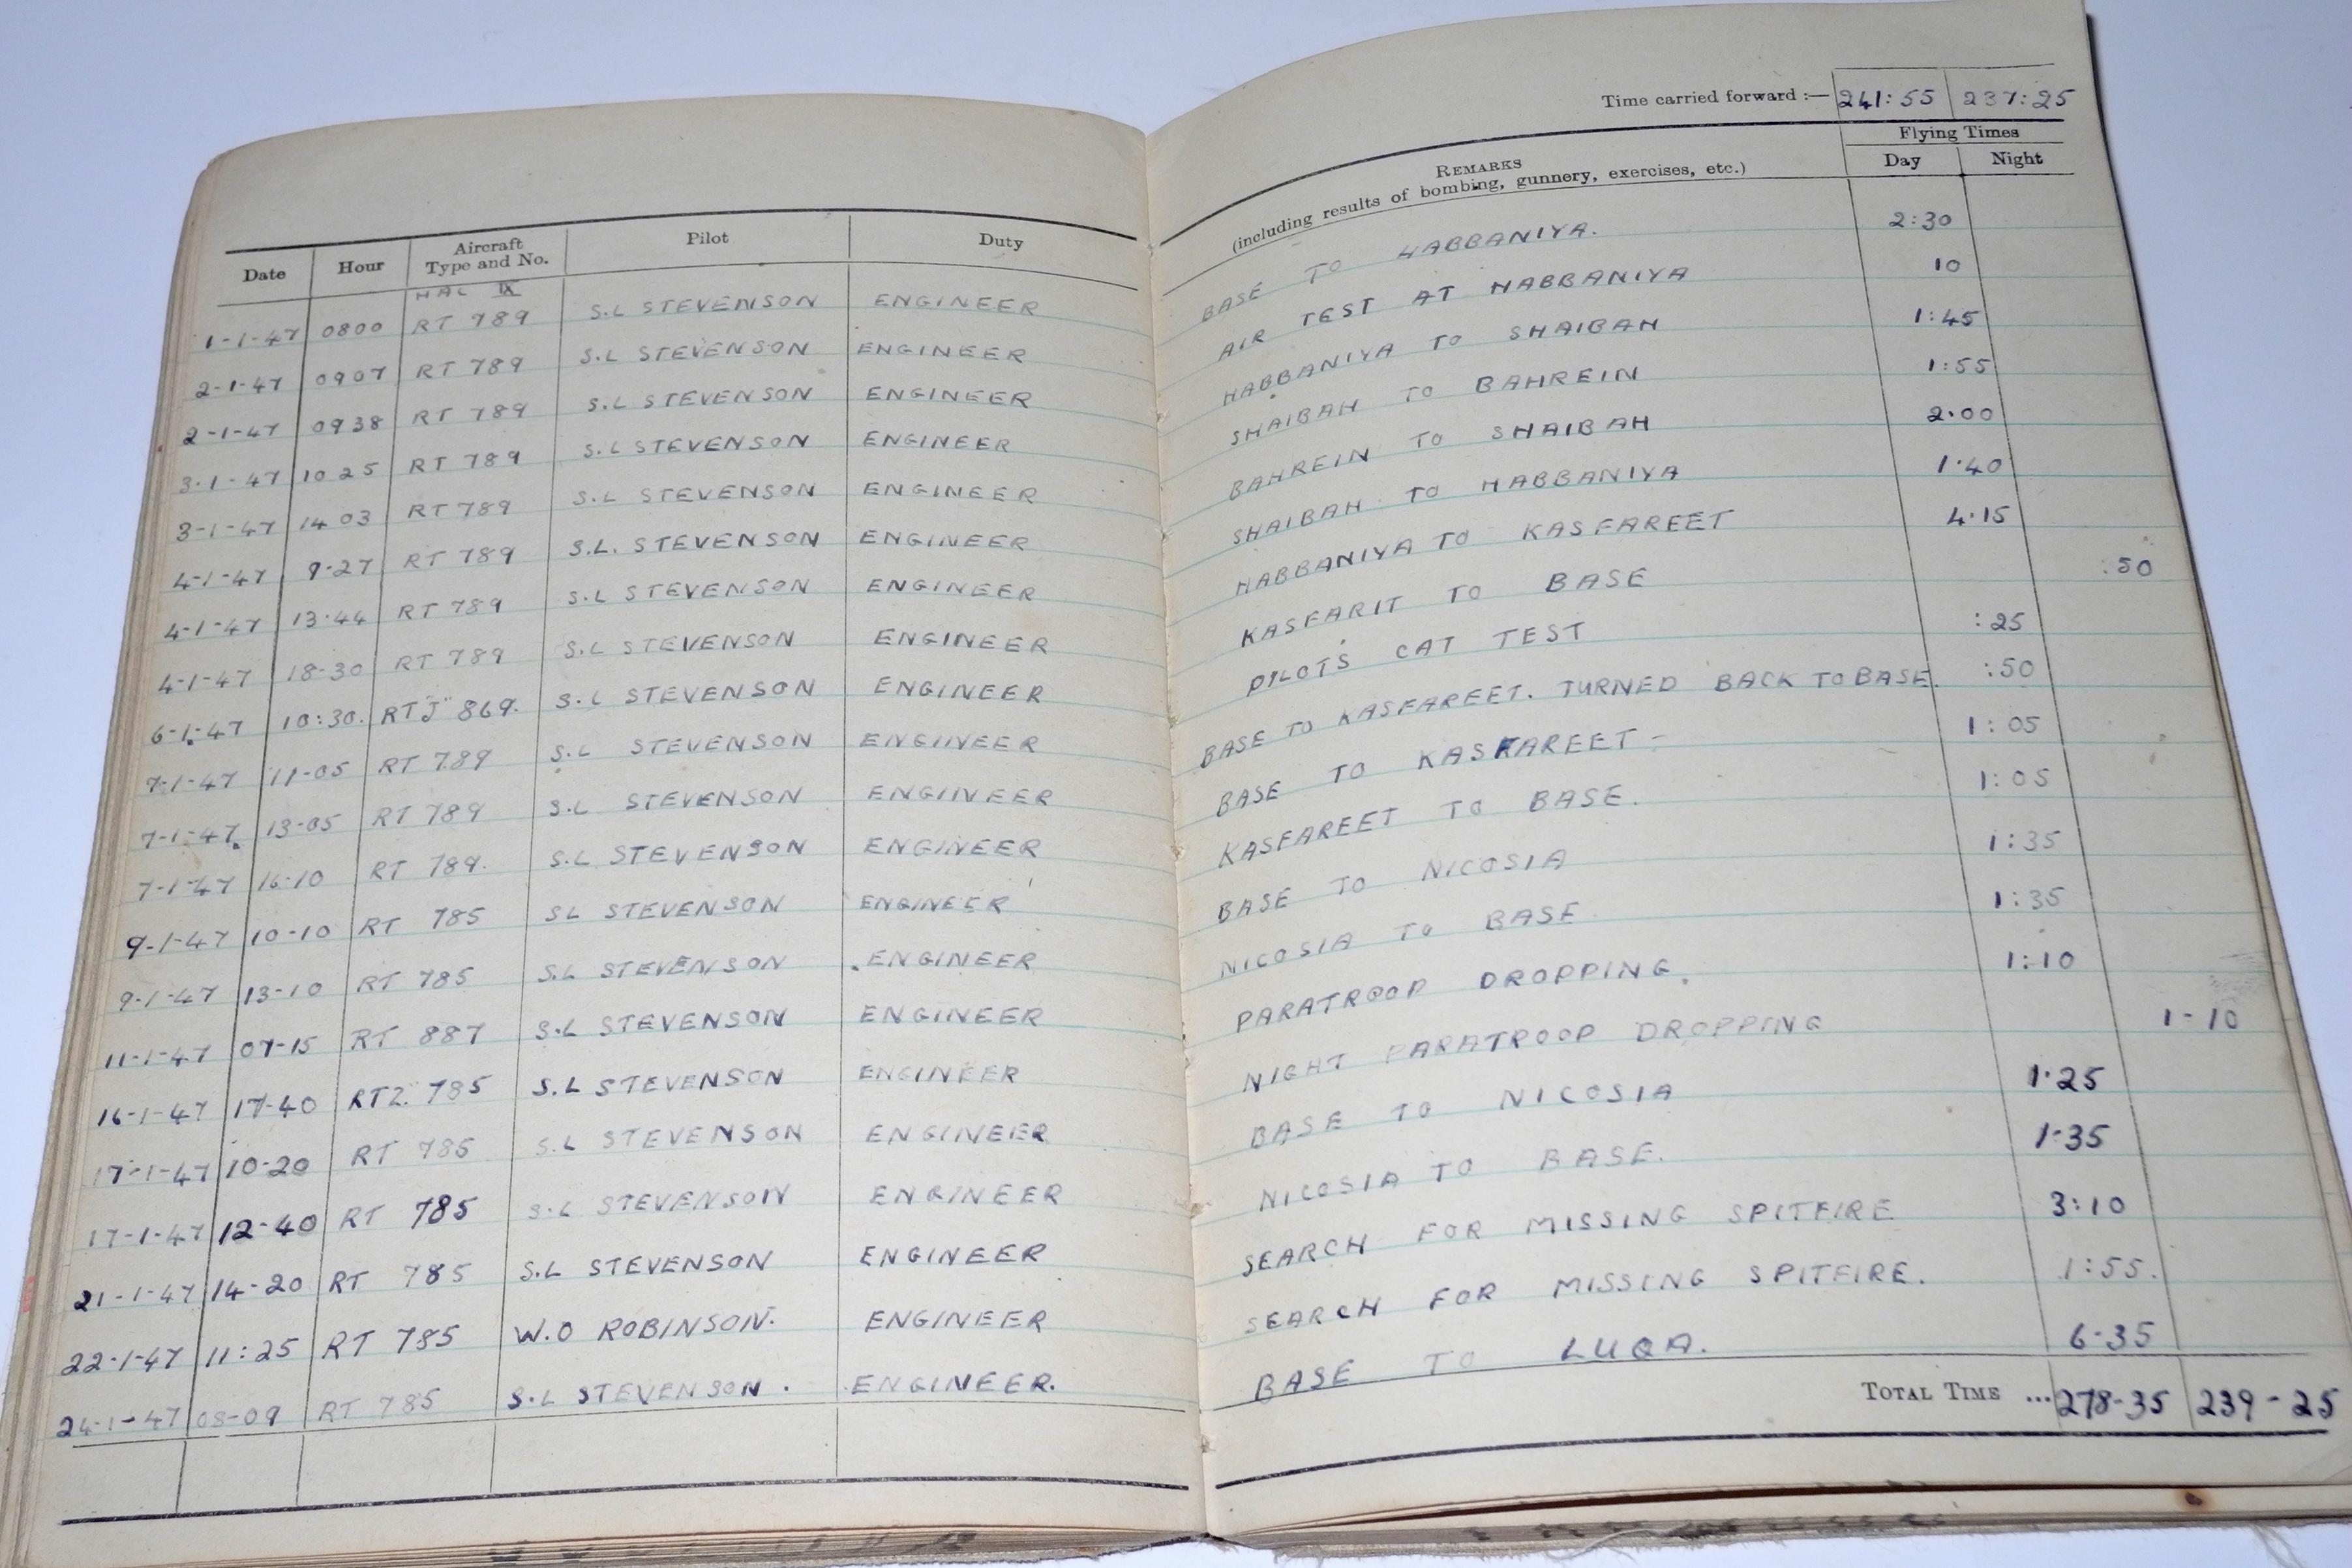 RAF Flight Engineer log book 625 sq